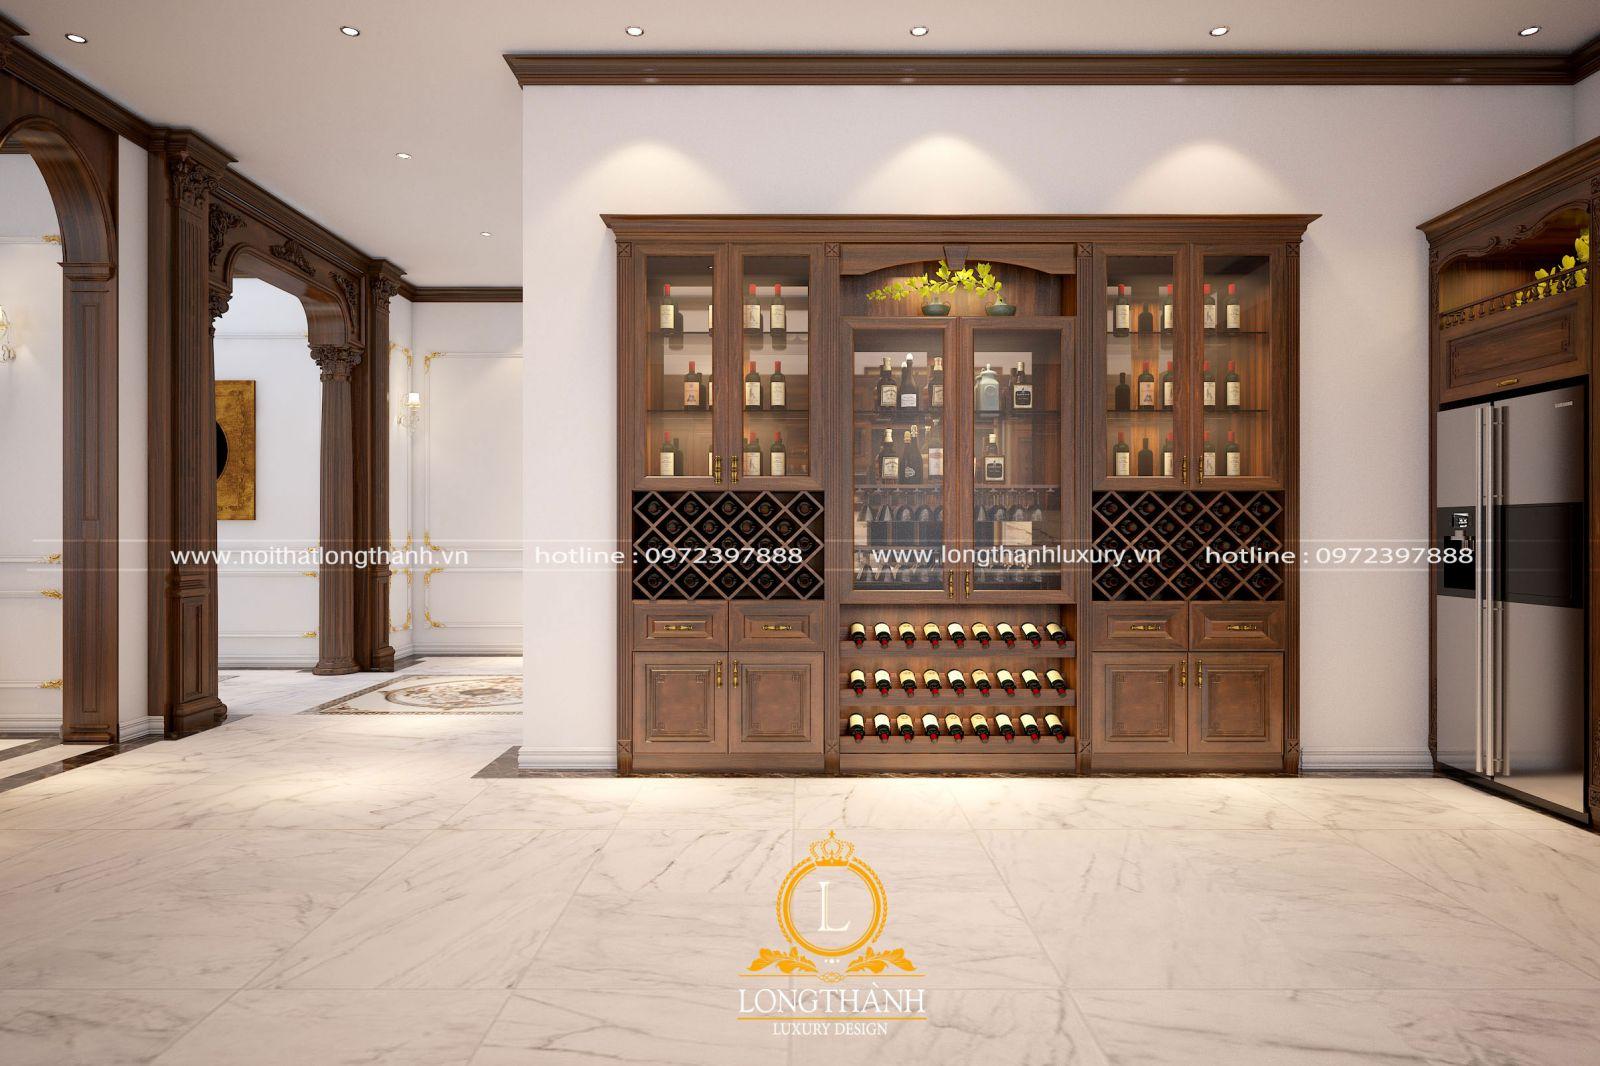 Không gian đẹp với chiếc tủ rượu